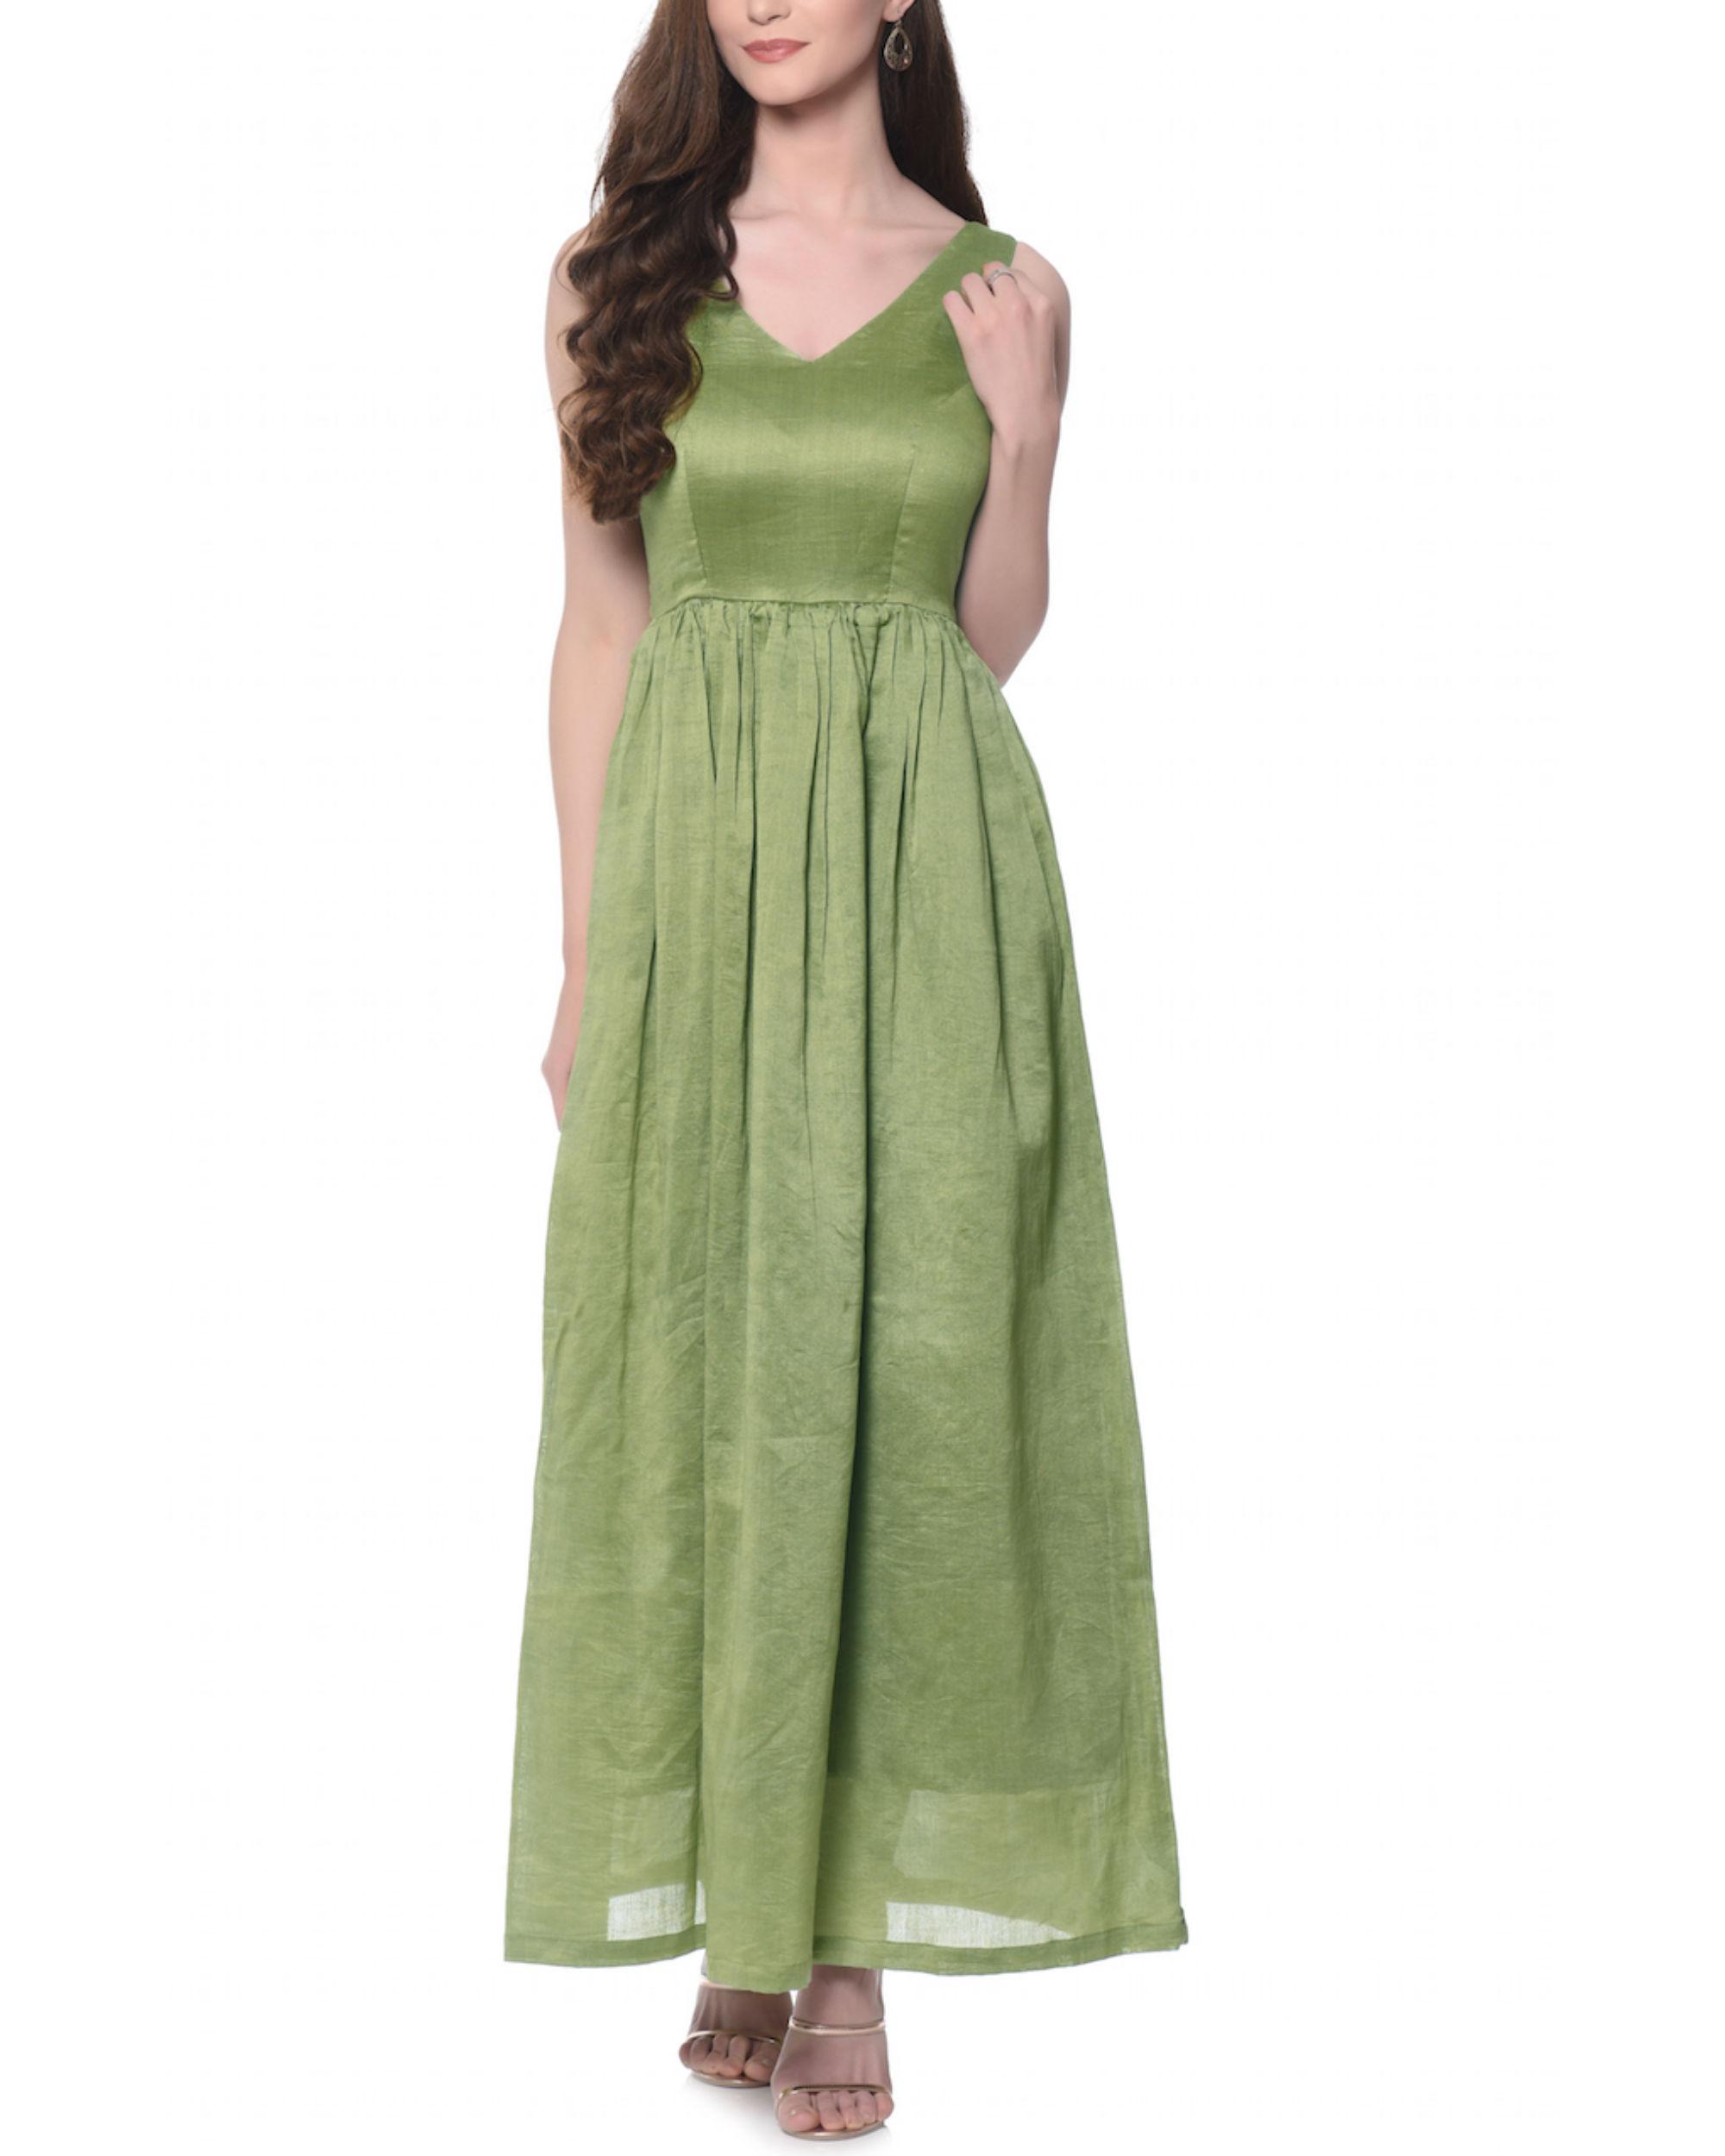 Olive fairytale dress